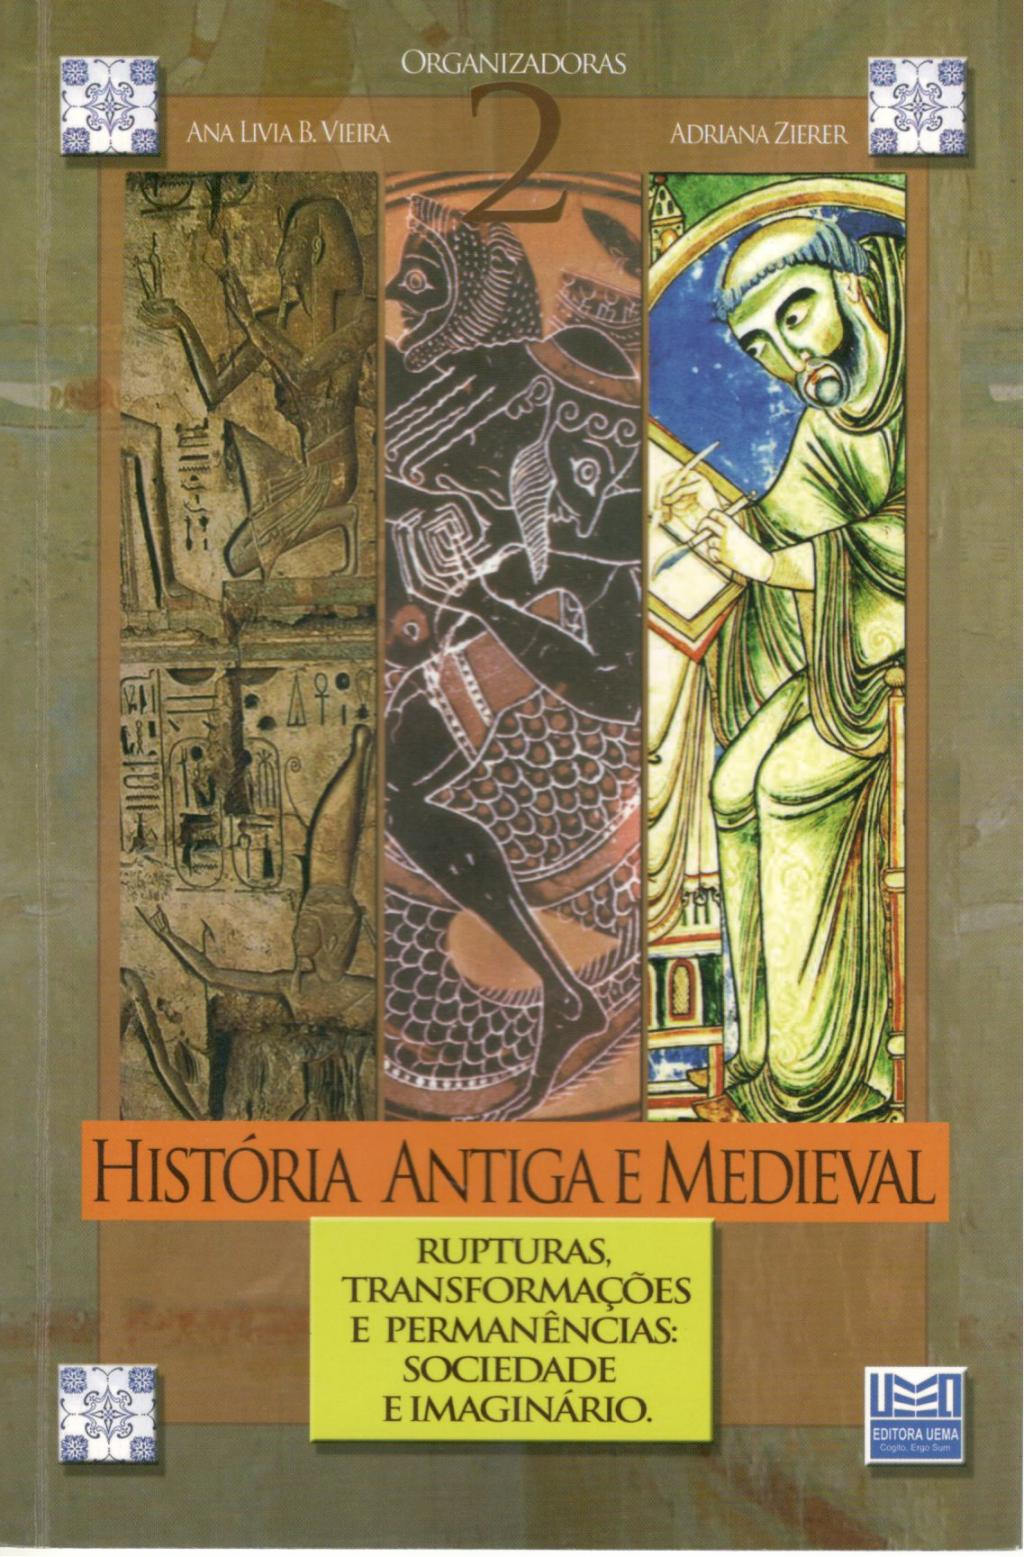 HISTÓRIA ANTIGA E MEDIEVAL  Vol II (Esgotado)